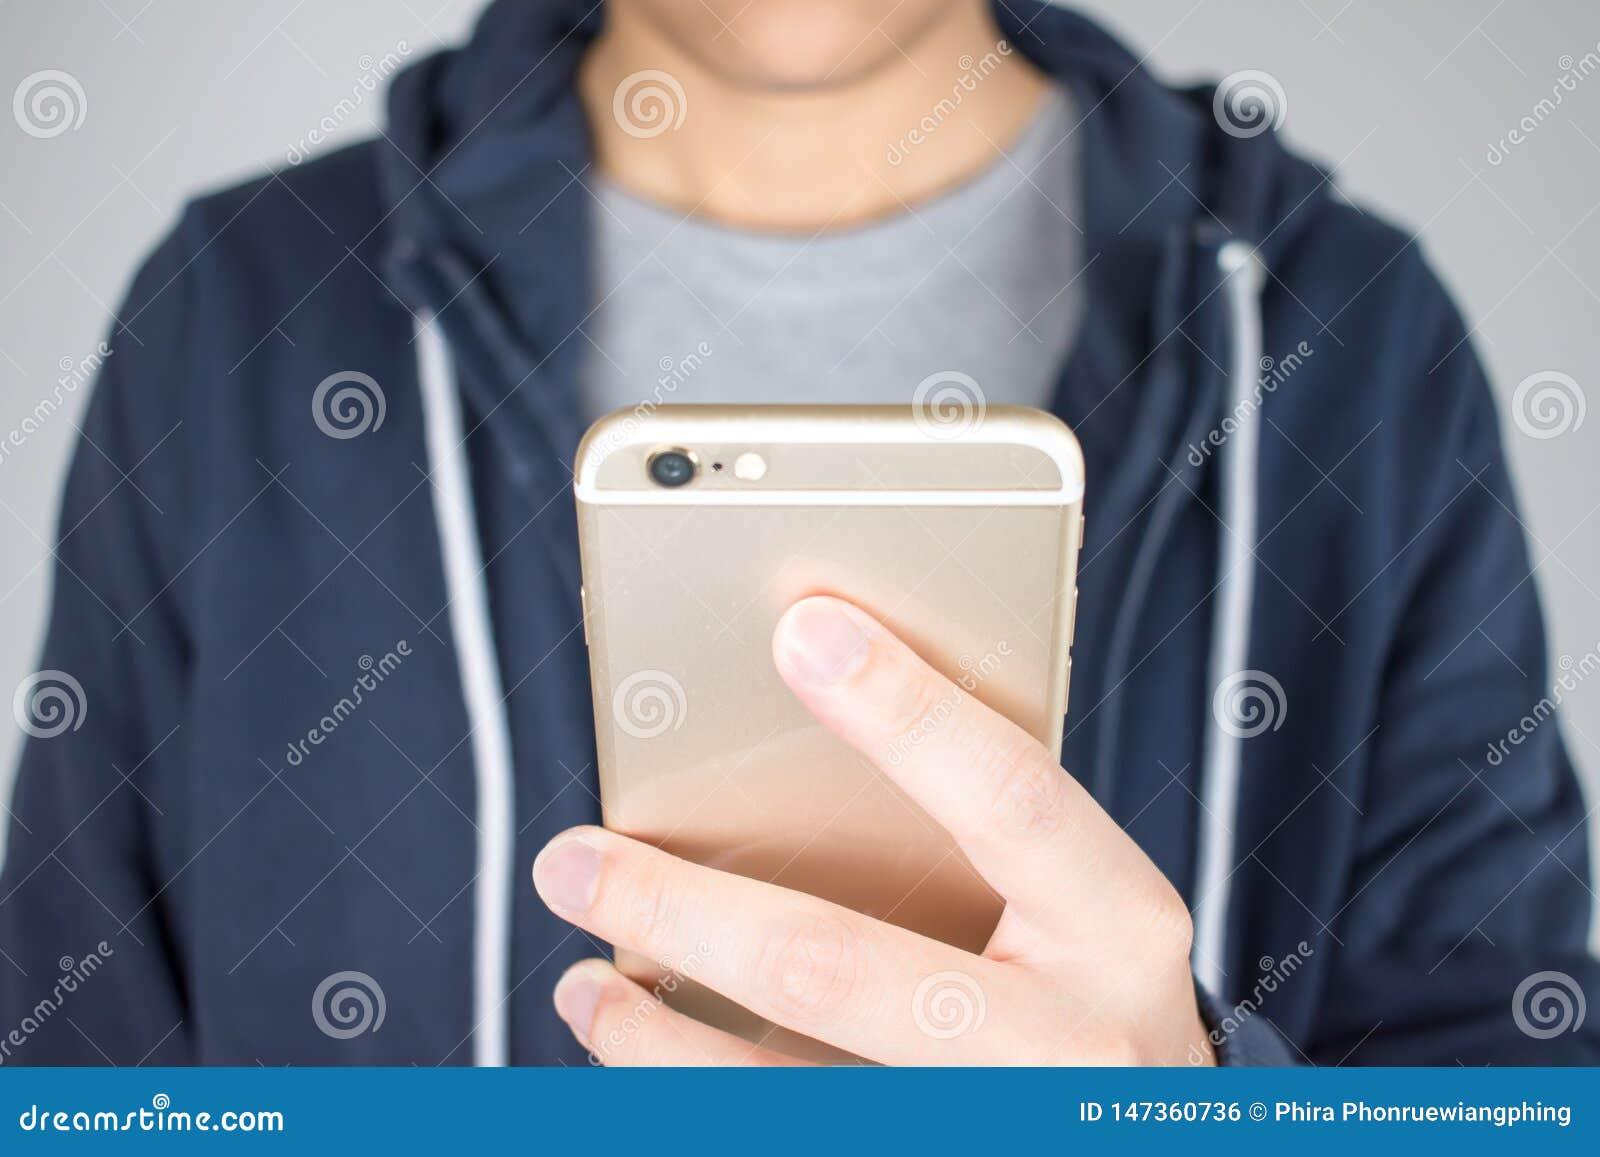 Руки конца-вверх держат телефоны ходить по магазинам онлайн